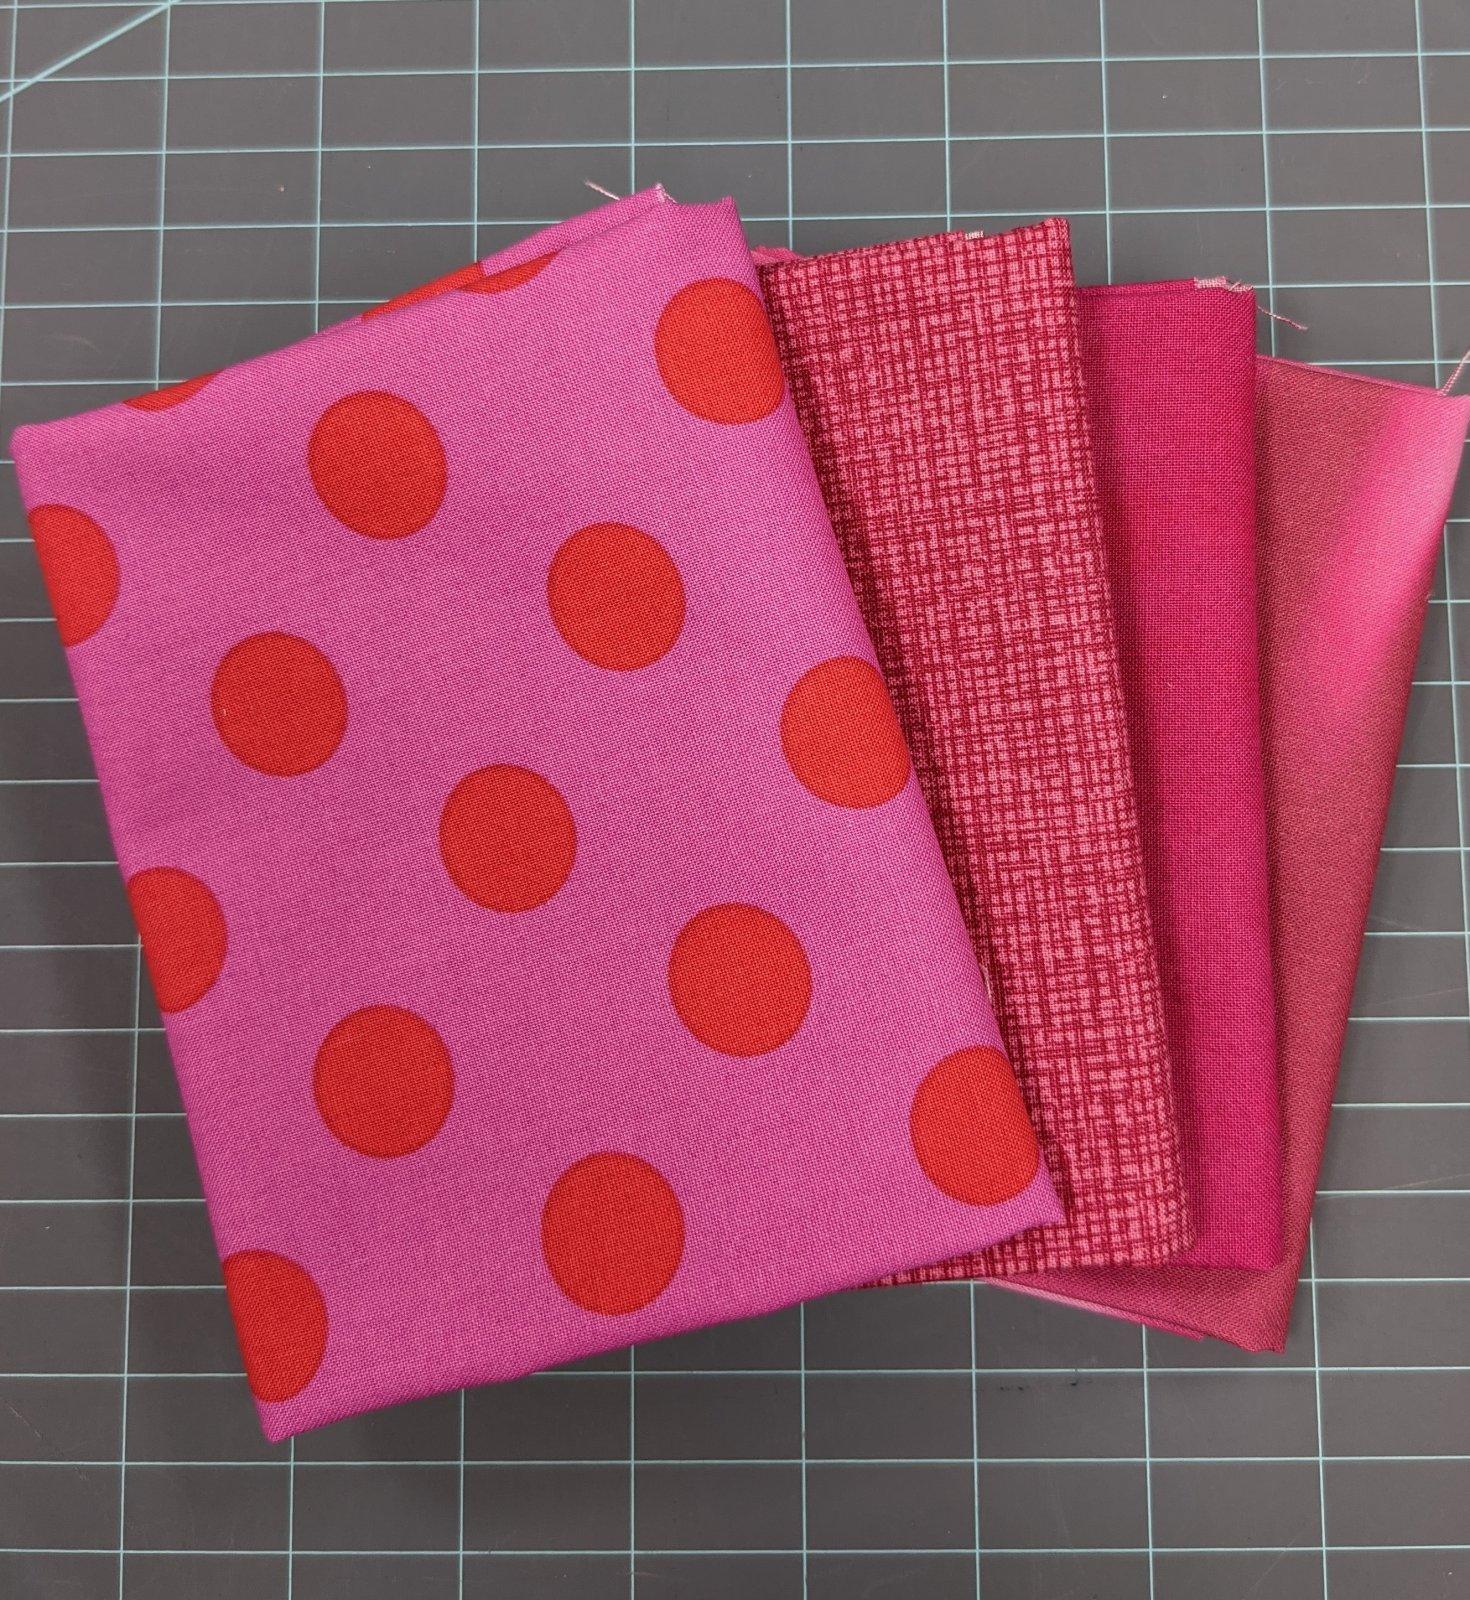 Pink Fat Quarter Stash Builder Bundle - 4 pieces